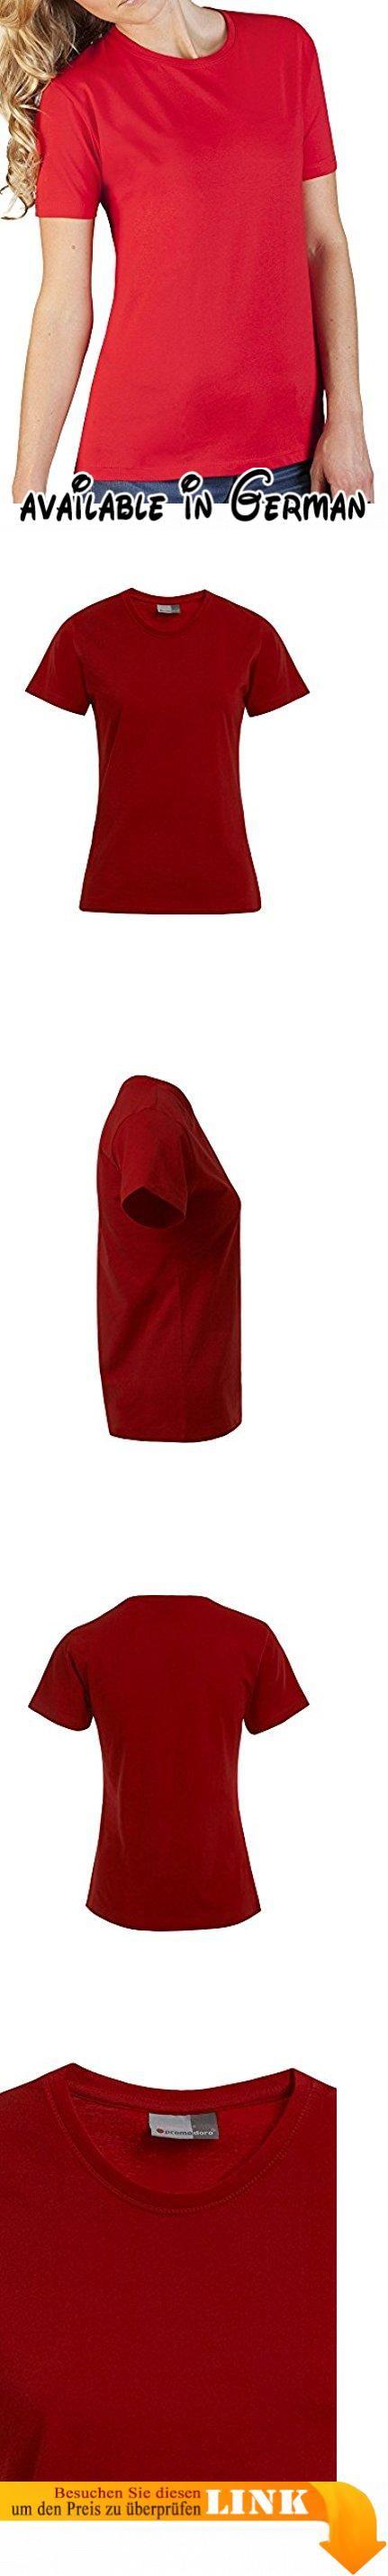 Premium T-Shirt Plus Size Damen, XXXL, Feuerrot. Softes Single-Jersey T-Shirt mit leicht tailliertem Fit. Gekämmte Baumwolle sorgt für Strapazierfähigkeit. 100 % Baumwolle. Verfügbare Größen: XS-XXL. Maschinenwaschbar bis 40° #Apparel #SHIRT